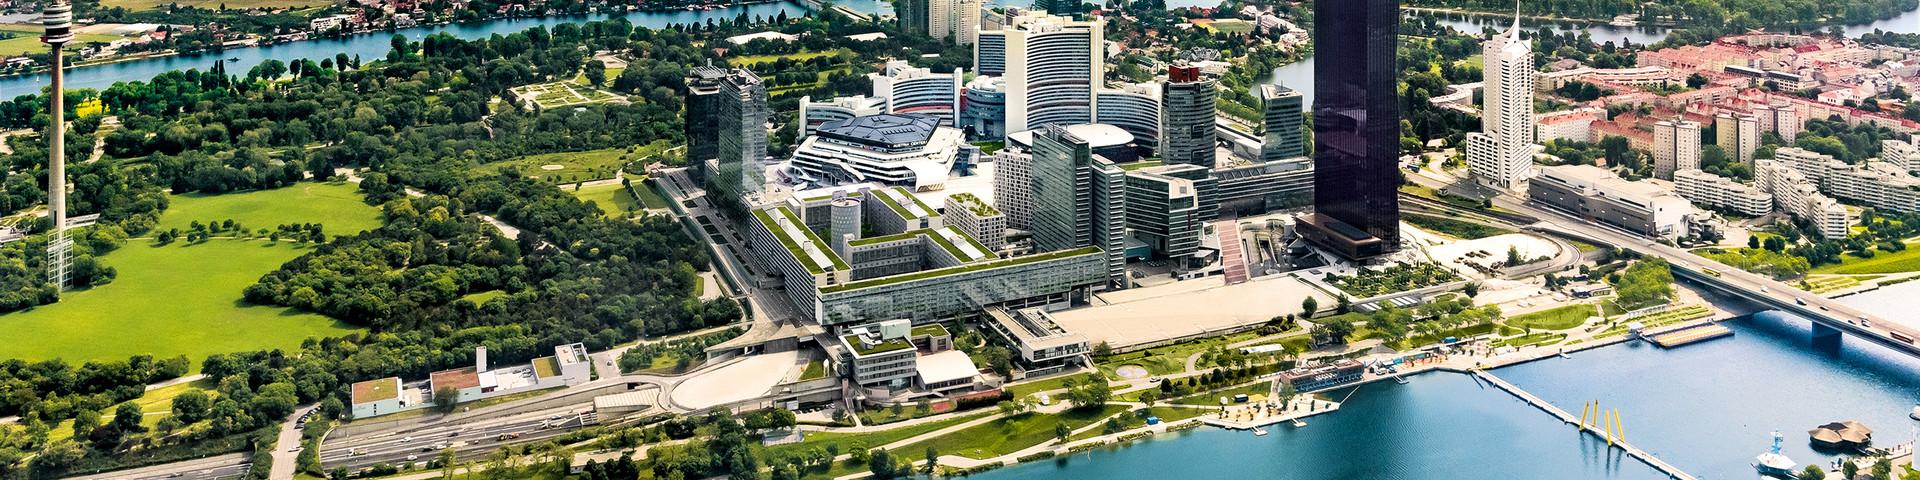 Austria Center Vienna - Donaucity © IAKW-AG CV2